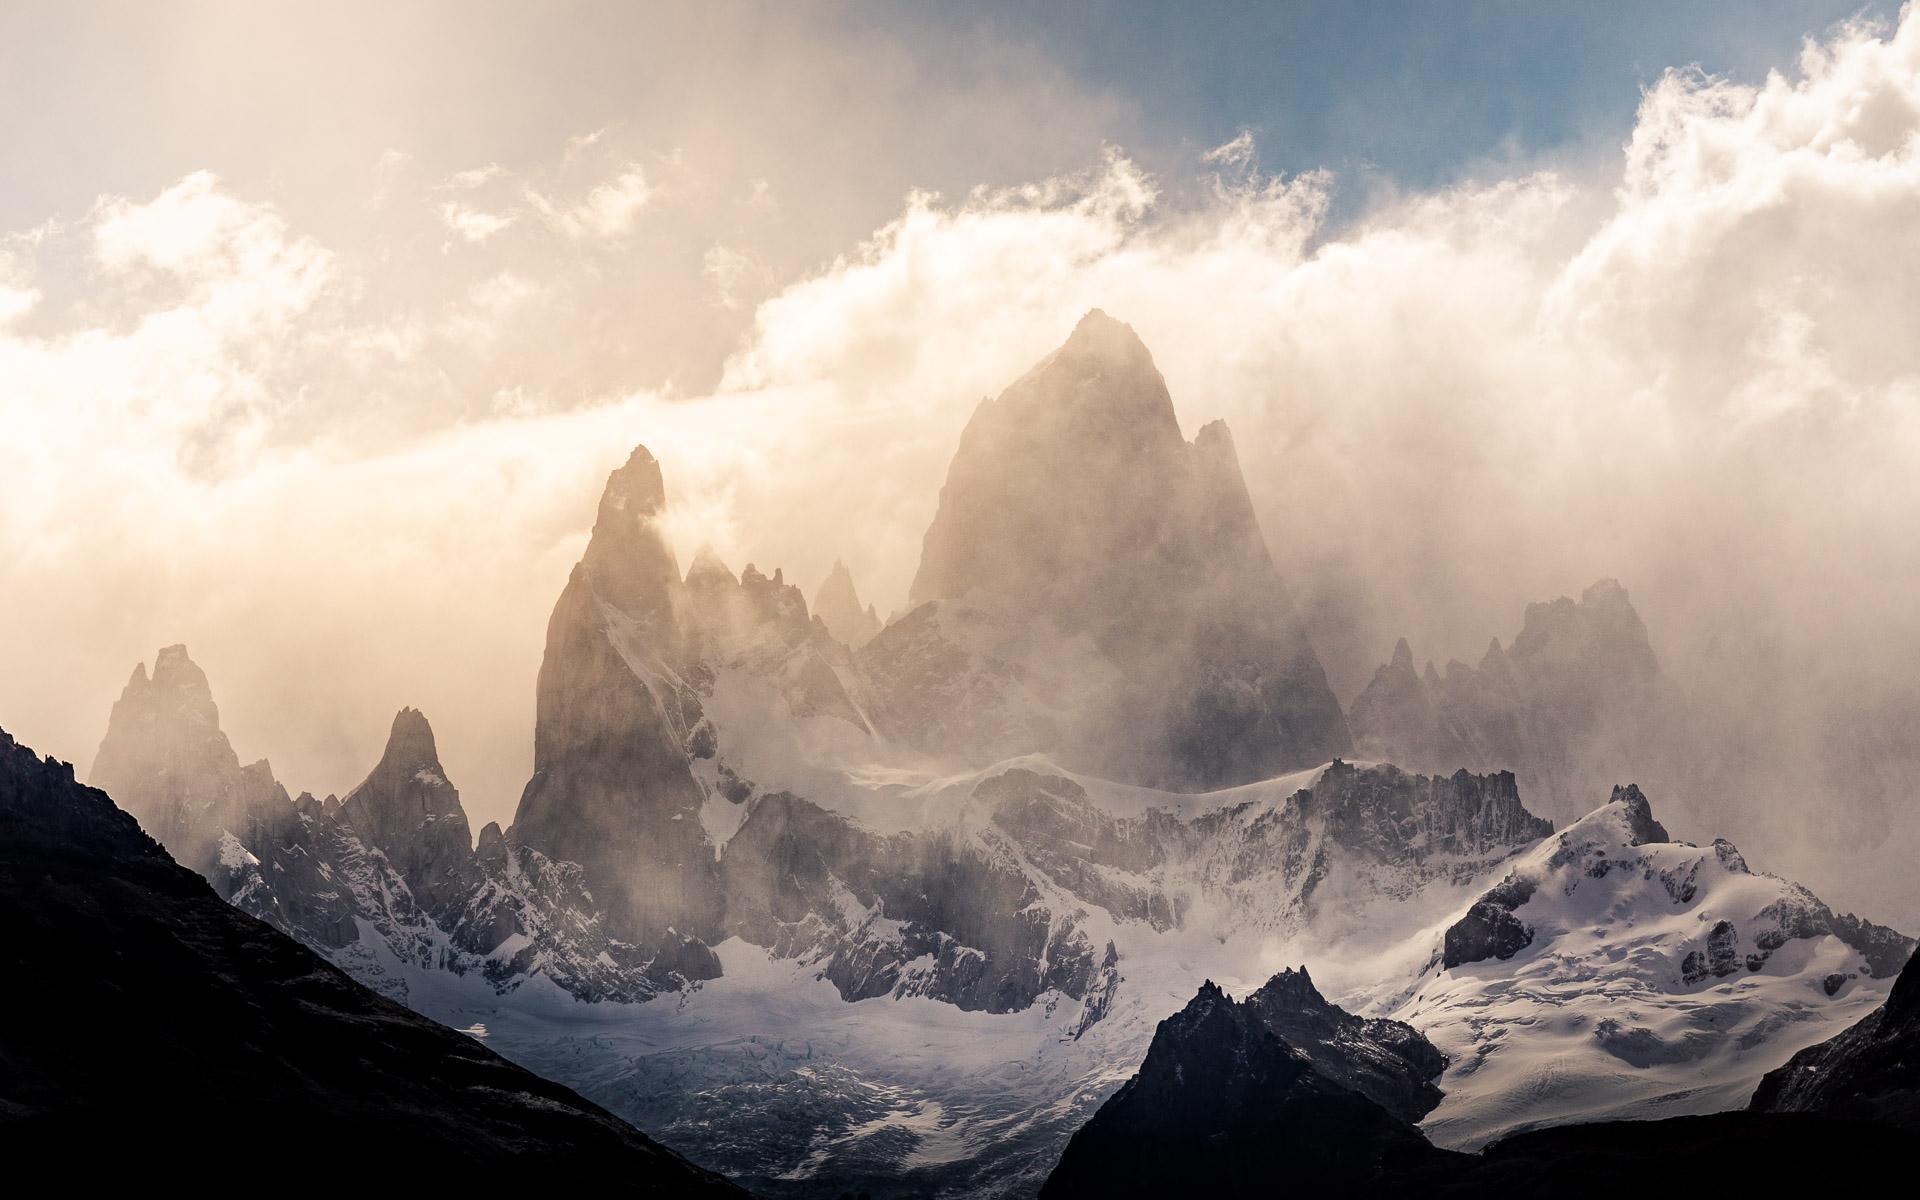 Patagonia-El-Chalten-Fitz-Roy-2017-_MG_5325